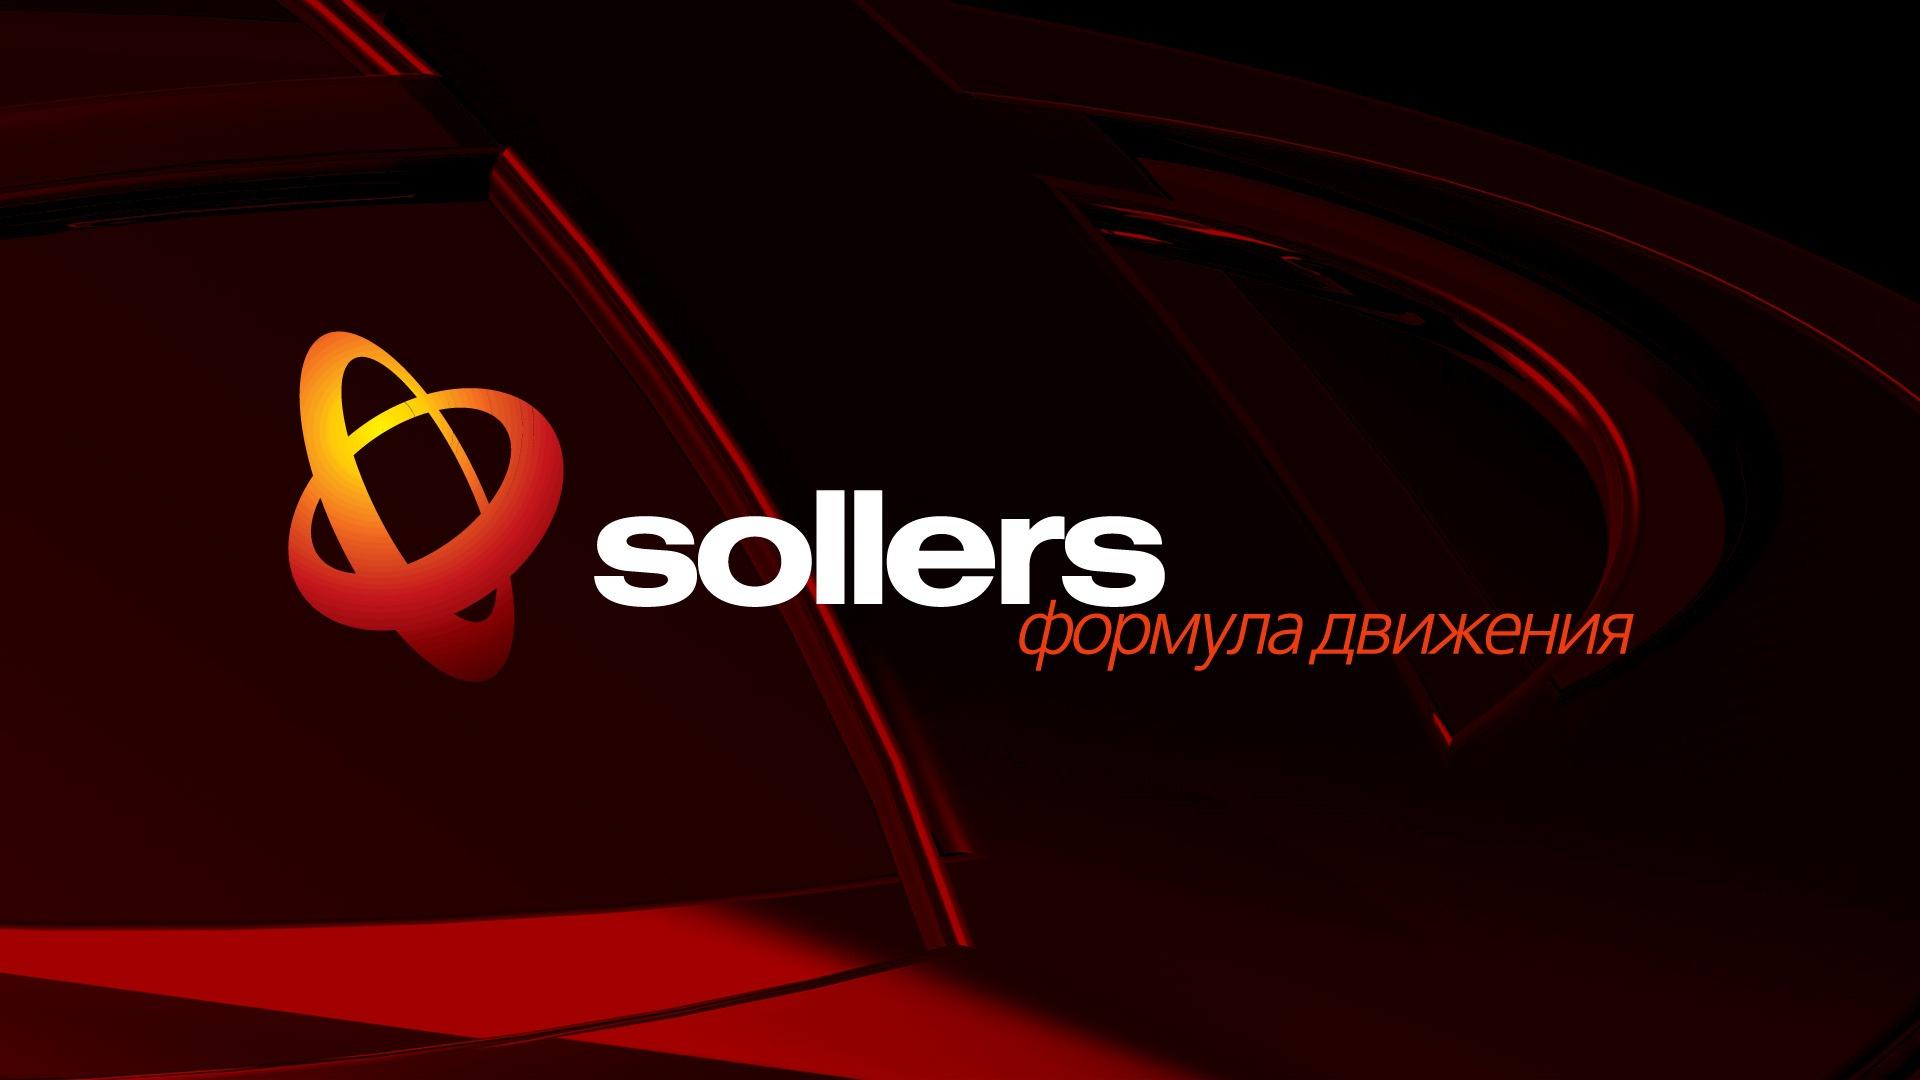 sollers, фирменный стиль, слоган, фирменный блок